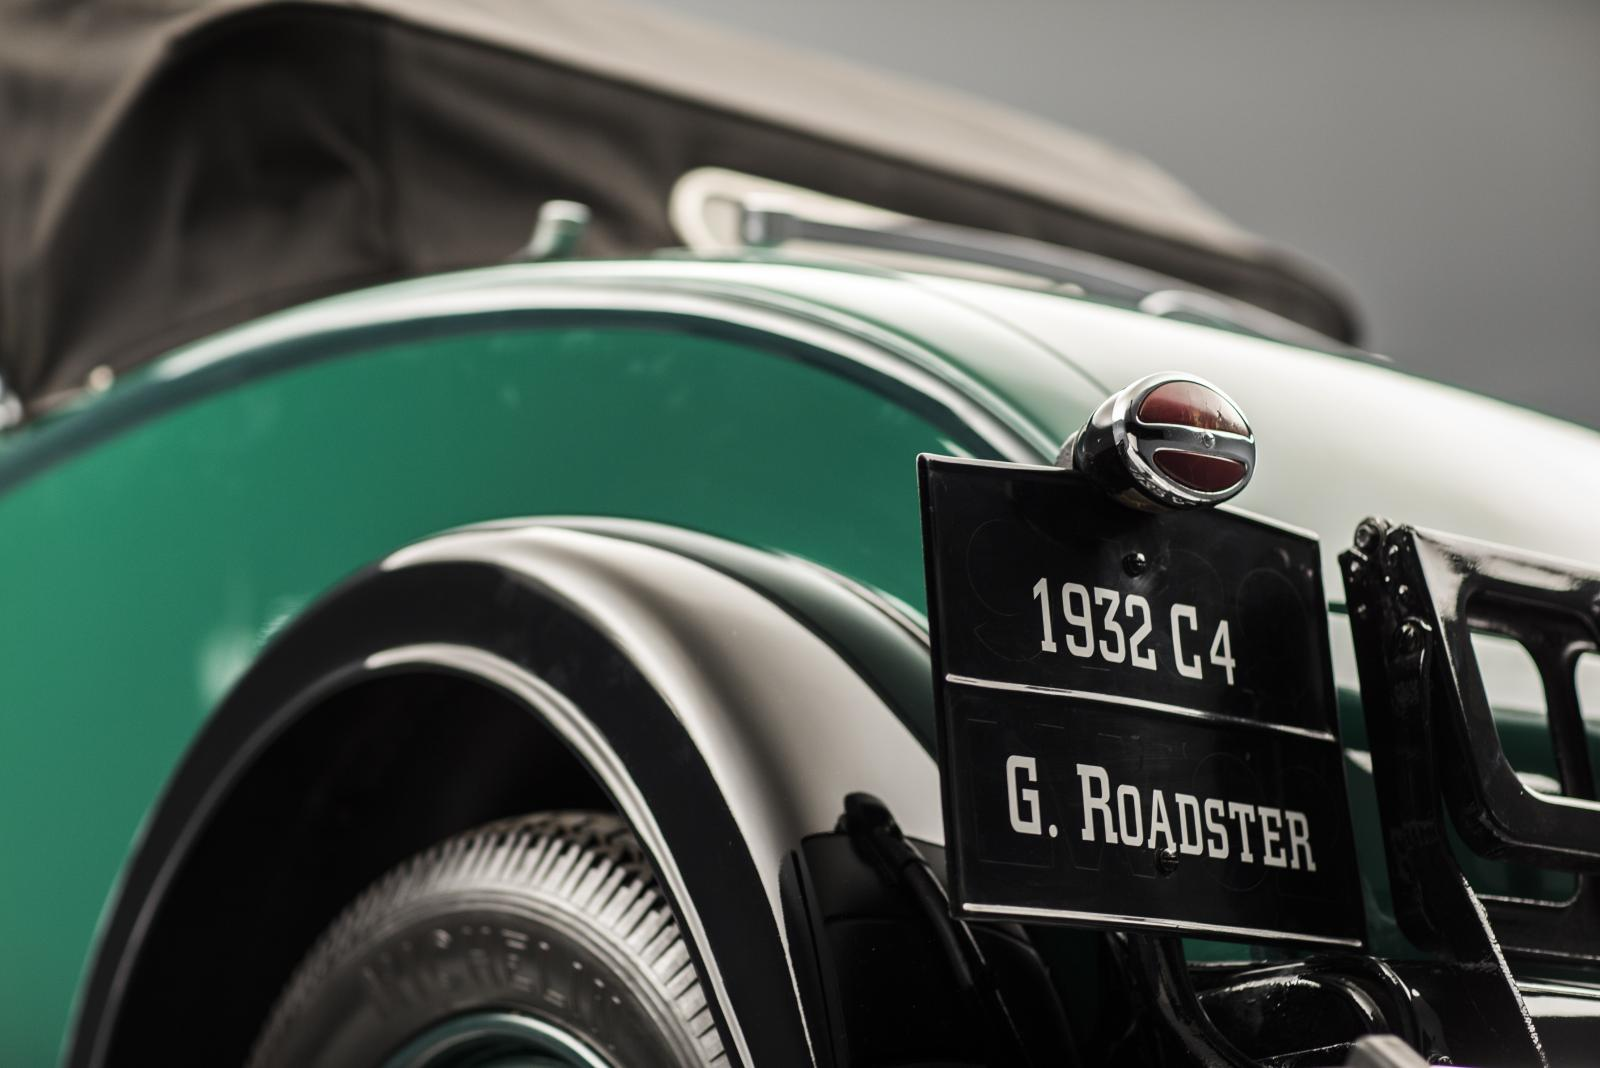 C4G Roadster - schuin van achteren